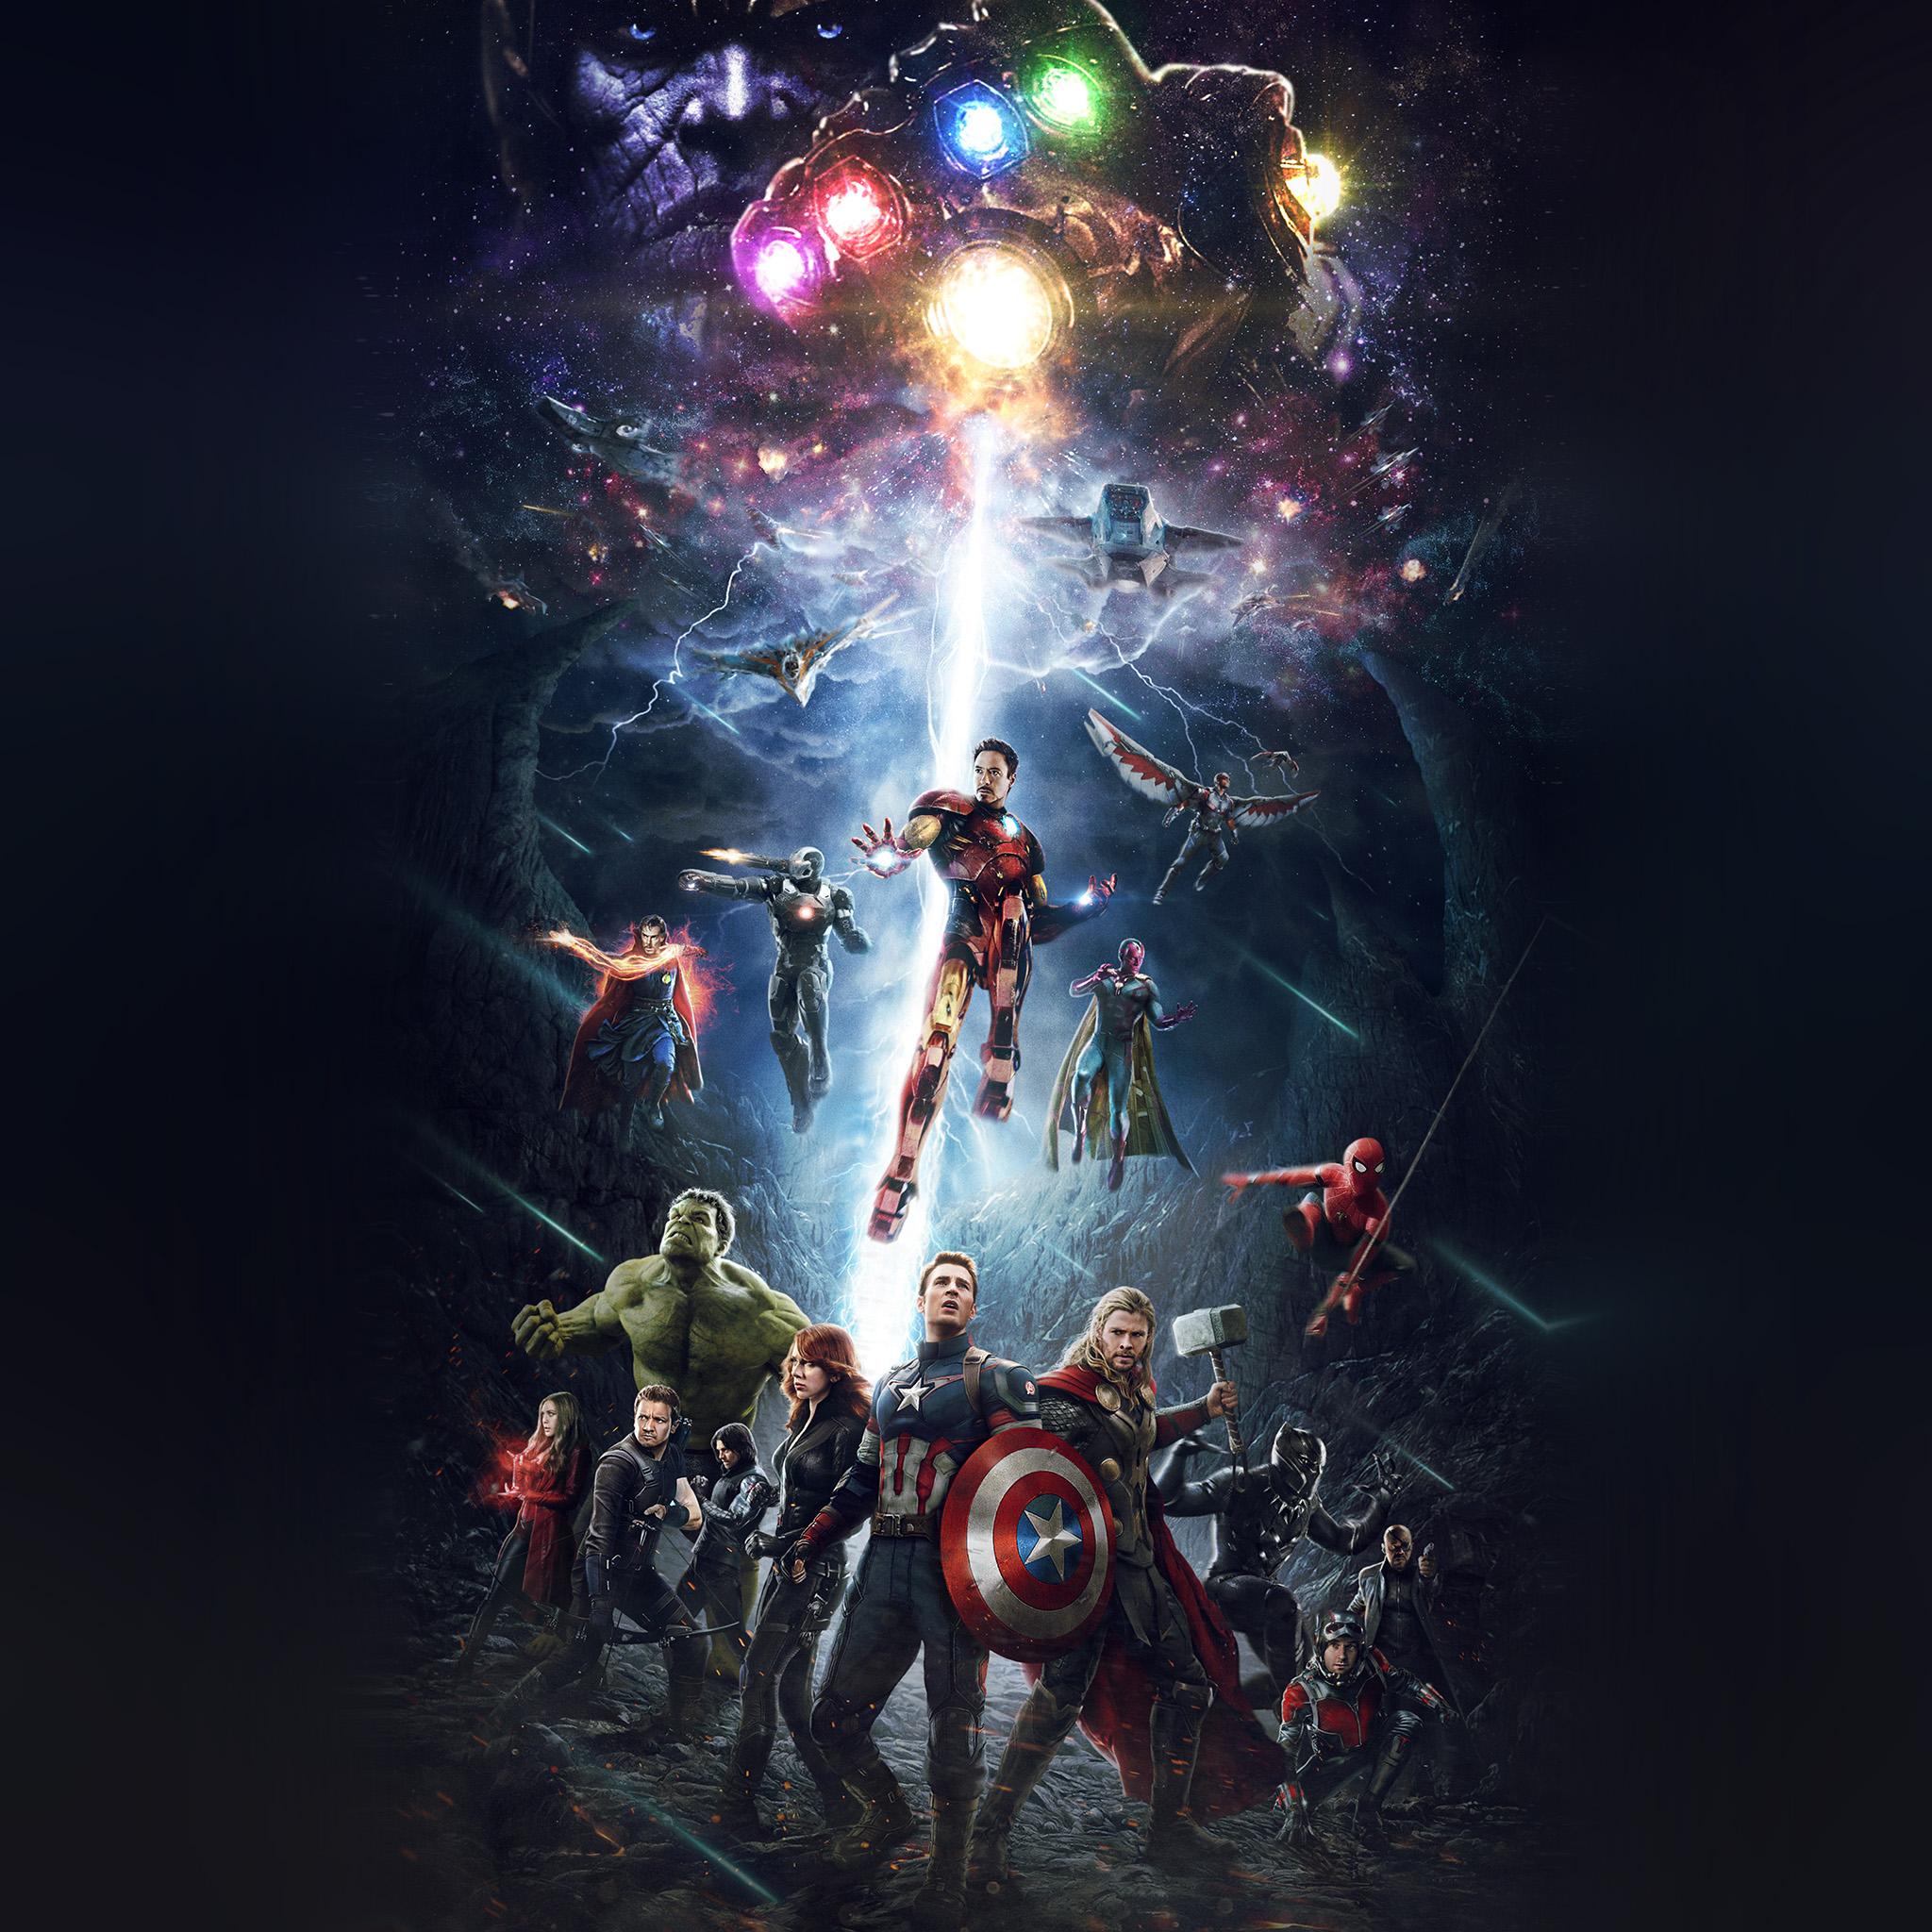 Be83 marvel infinitywar avengers hero art wallpaper - Marvel android wallpaper hd ...